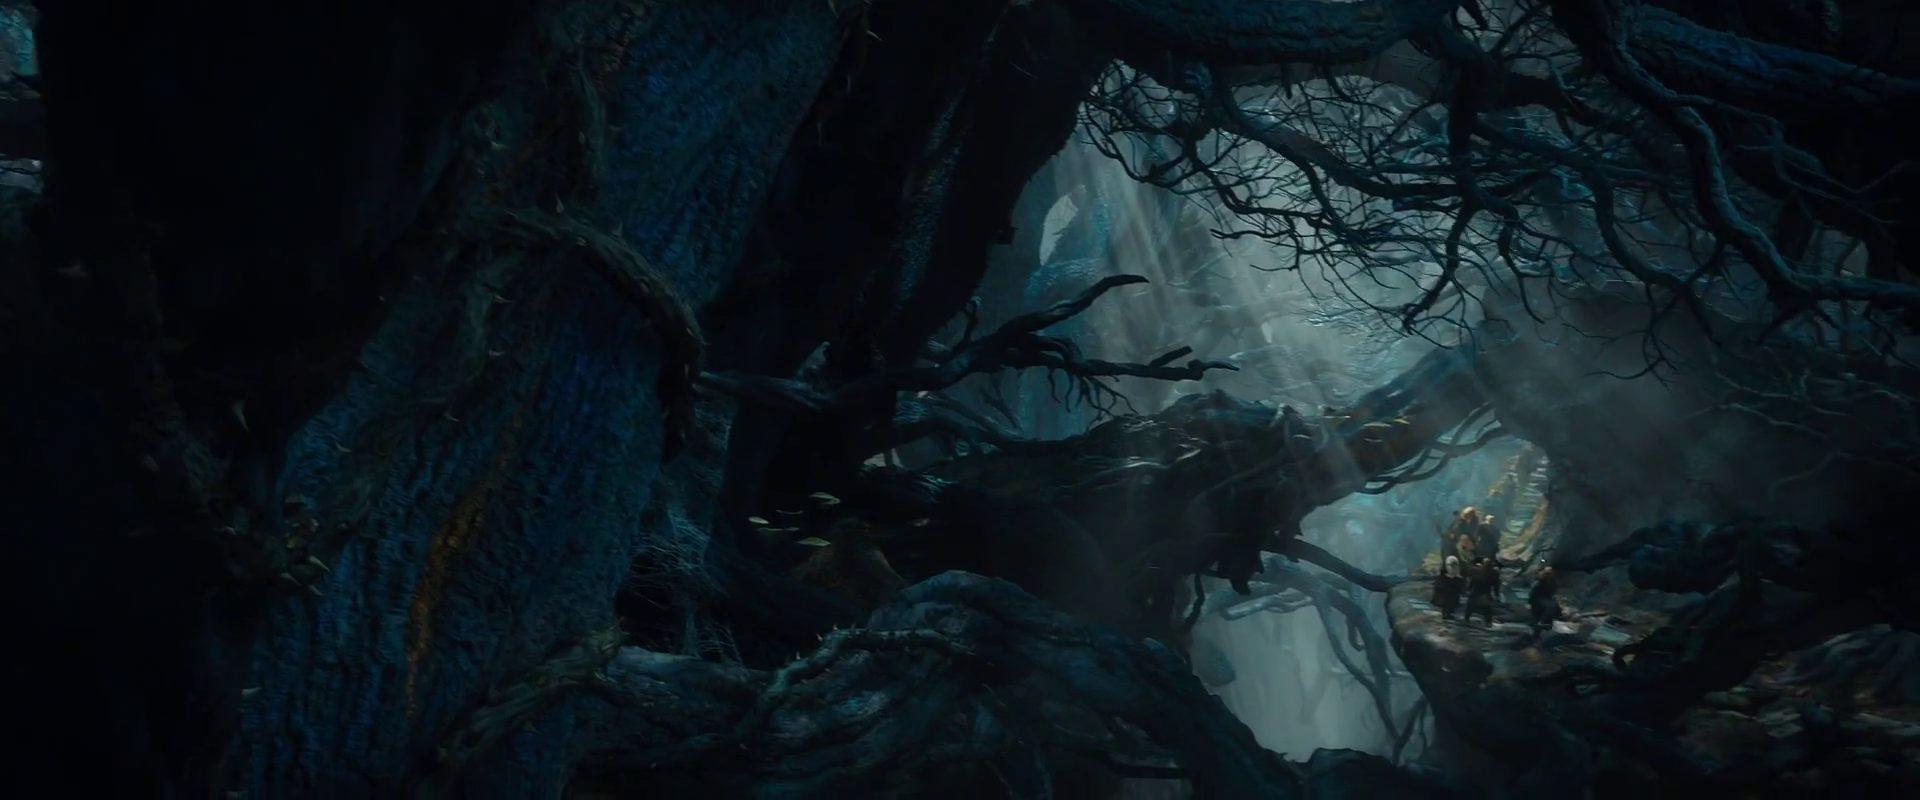 floresta das trevas